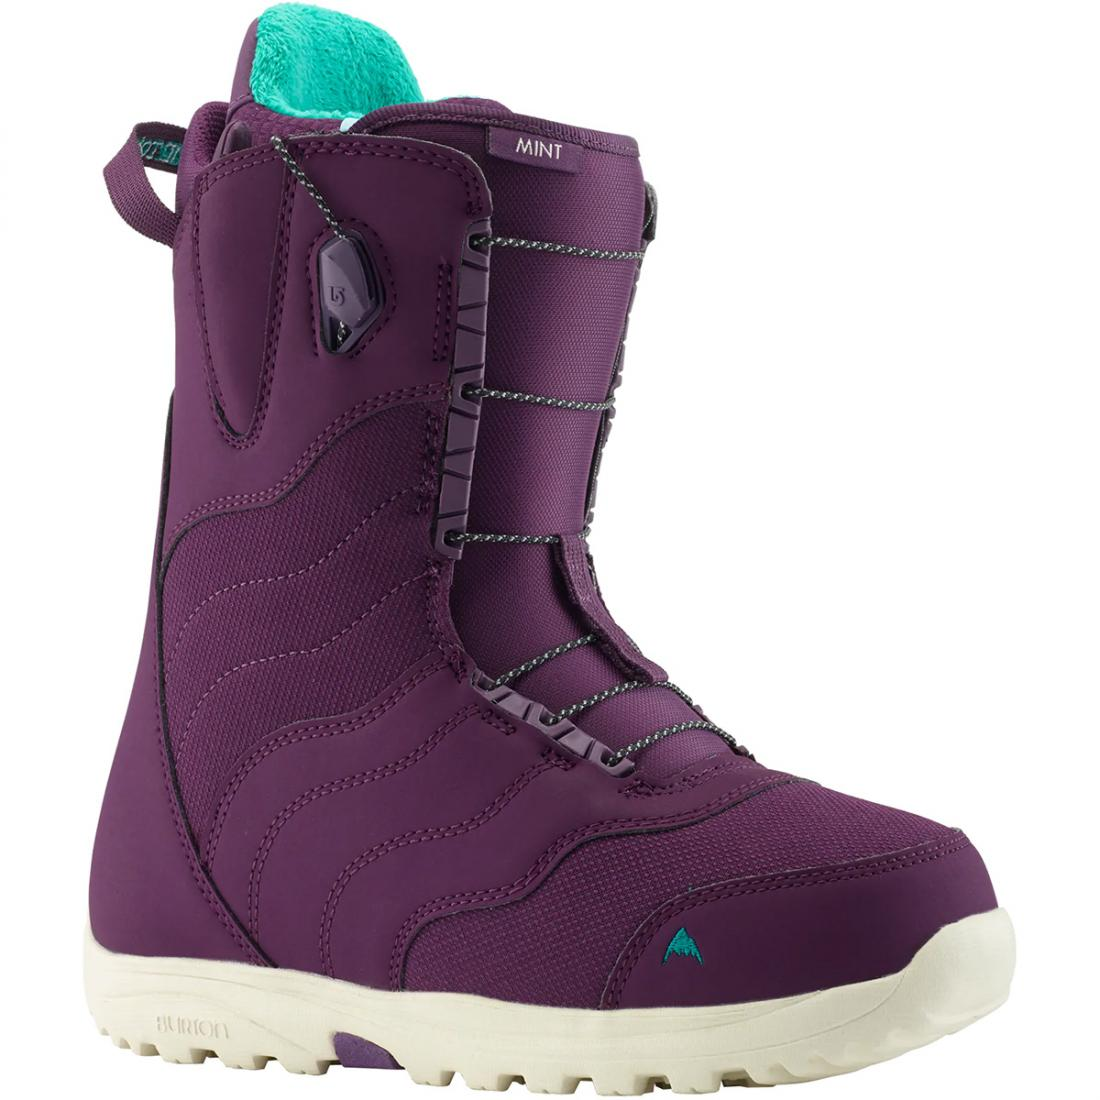 Ботинки сноубордические MINT